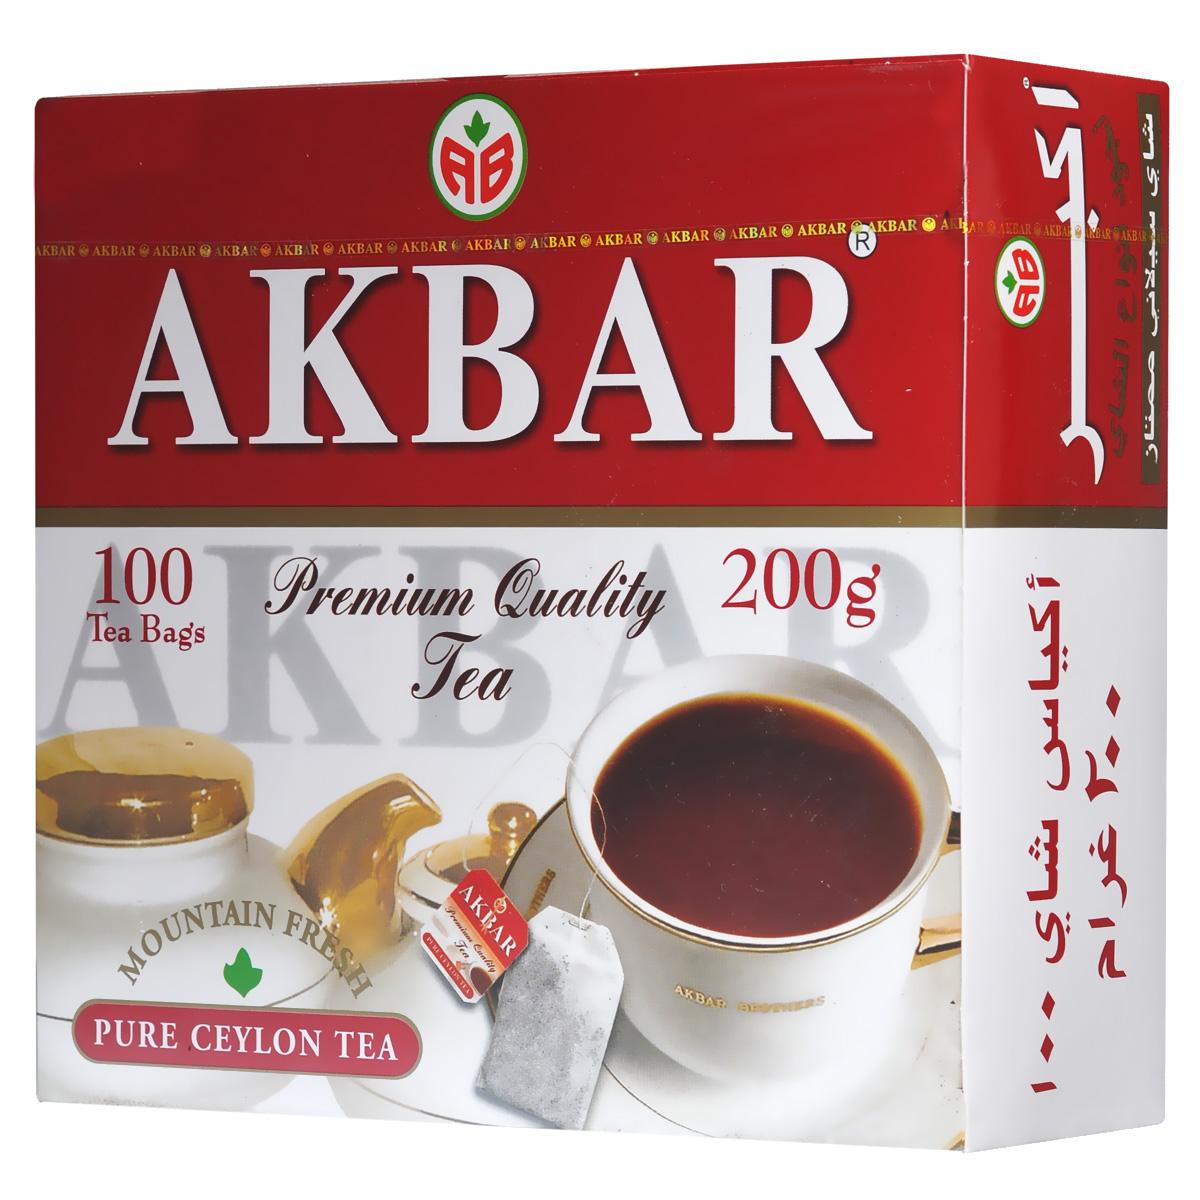 Akbar Mountain Fresh черный чай в пакетиках, 100 шт0120710Благоприятный климат и впитавший горную свежесть и дыхание моря кристально чистый воздух плантаций легендарных цейлонских чайных провинциях Kandy и Dimbula дают нежным чайным листочкам дивную силу, добавляя каждому, кто пьет чай Akbar Mountain Fresh, нескончаемую энергию и бодрость.Продукция Arbar подвергается обязательному многоступенчатому контролю и испытаниям опытными технологами и дегустаторами на всем пути, который чай этой торговой марки проходит от плантации до конечного потребителя.